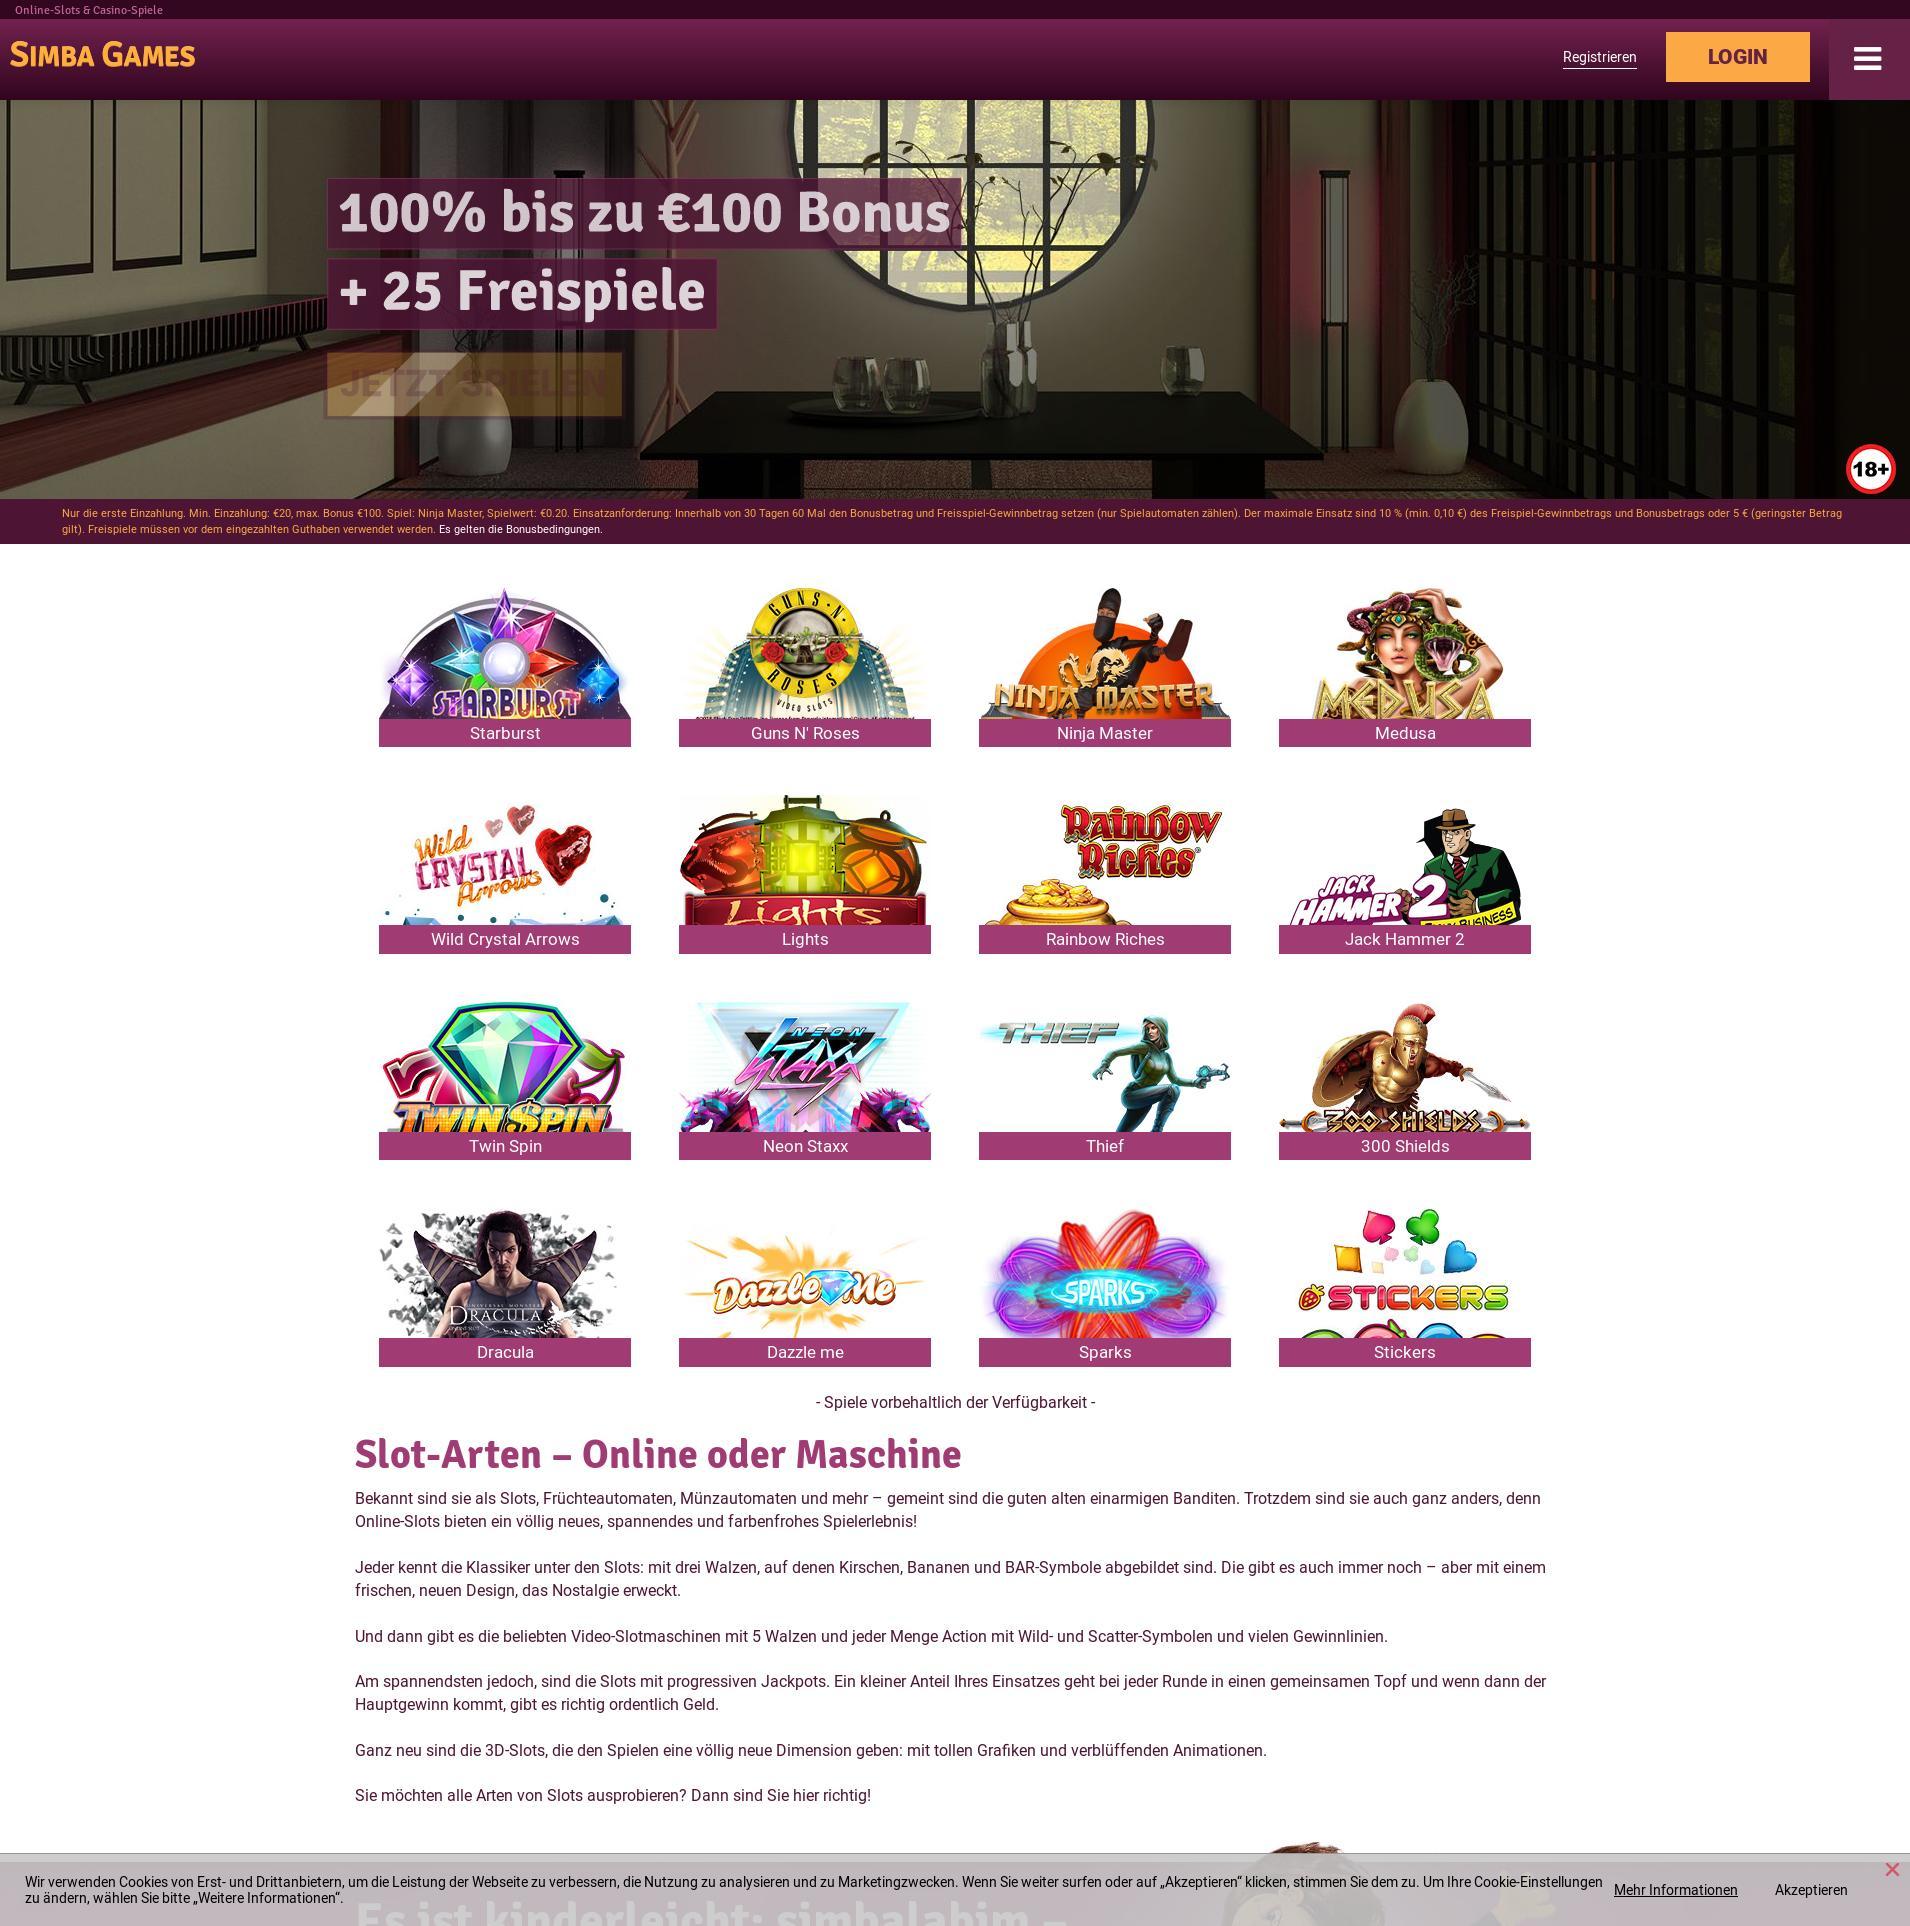 Casino Bildschirm Lobby 2019-10-19 zum Deutschland